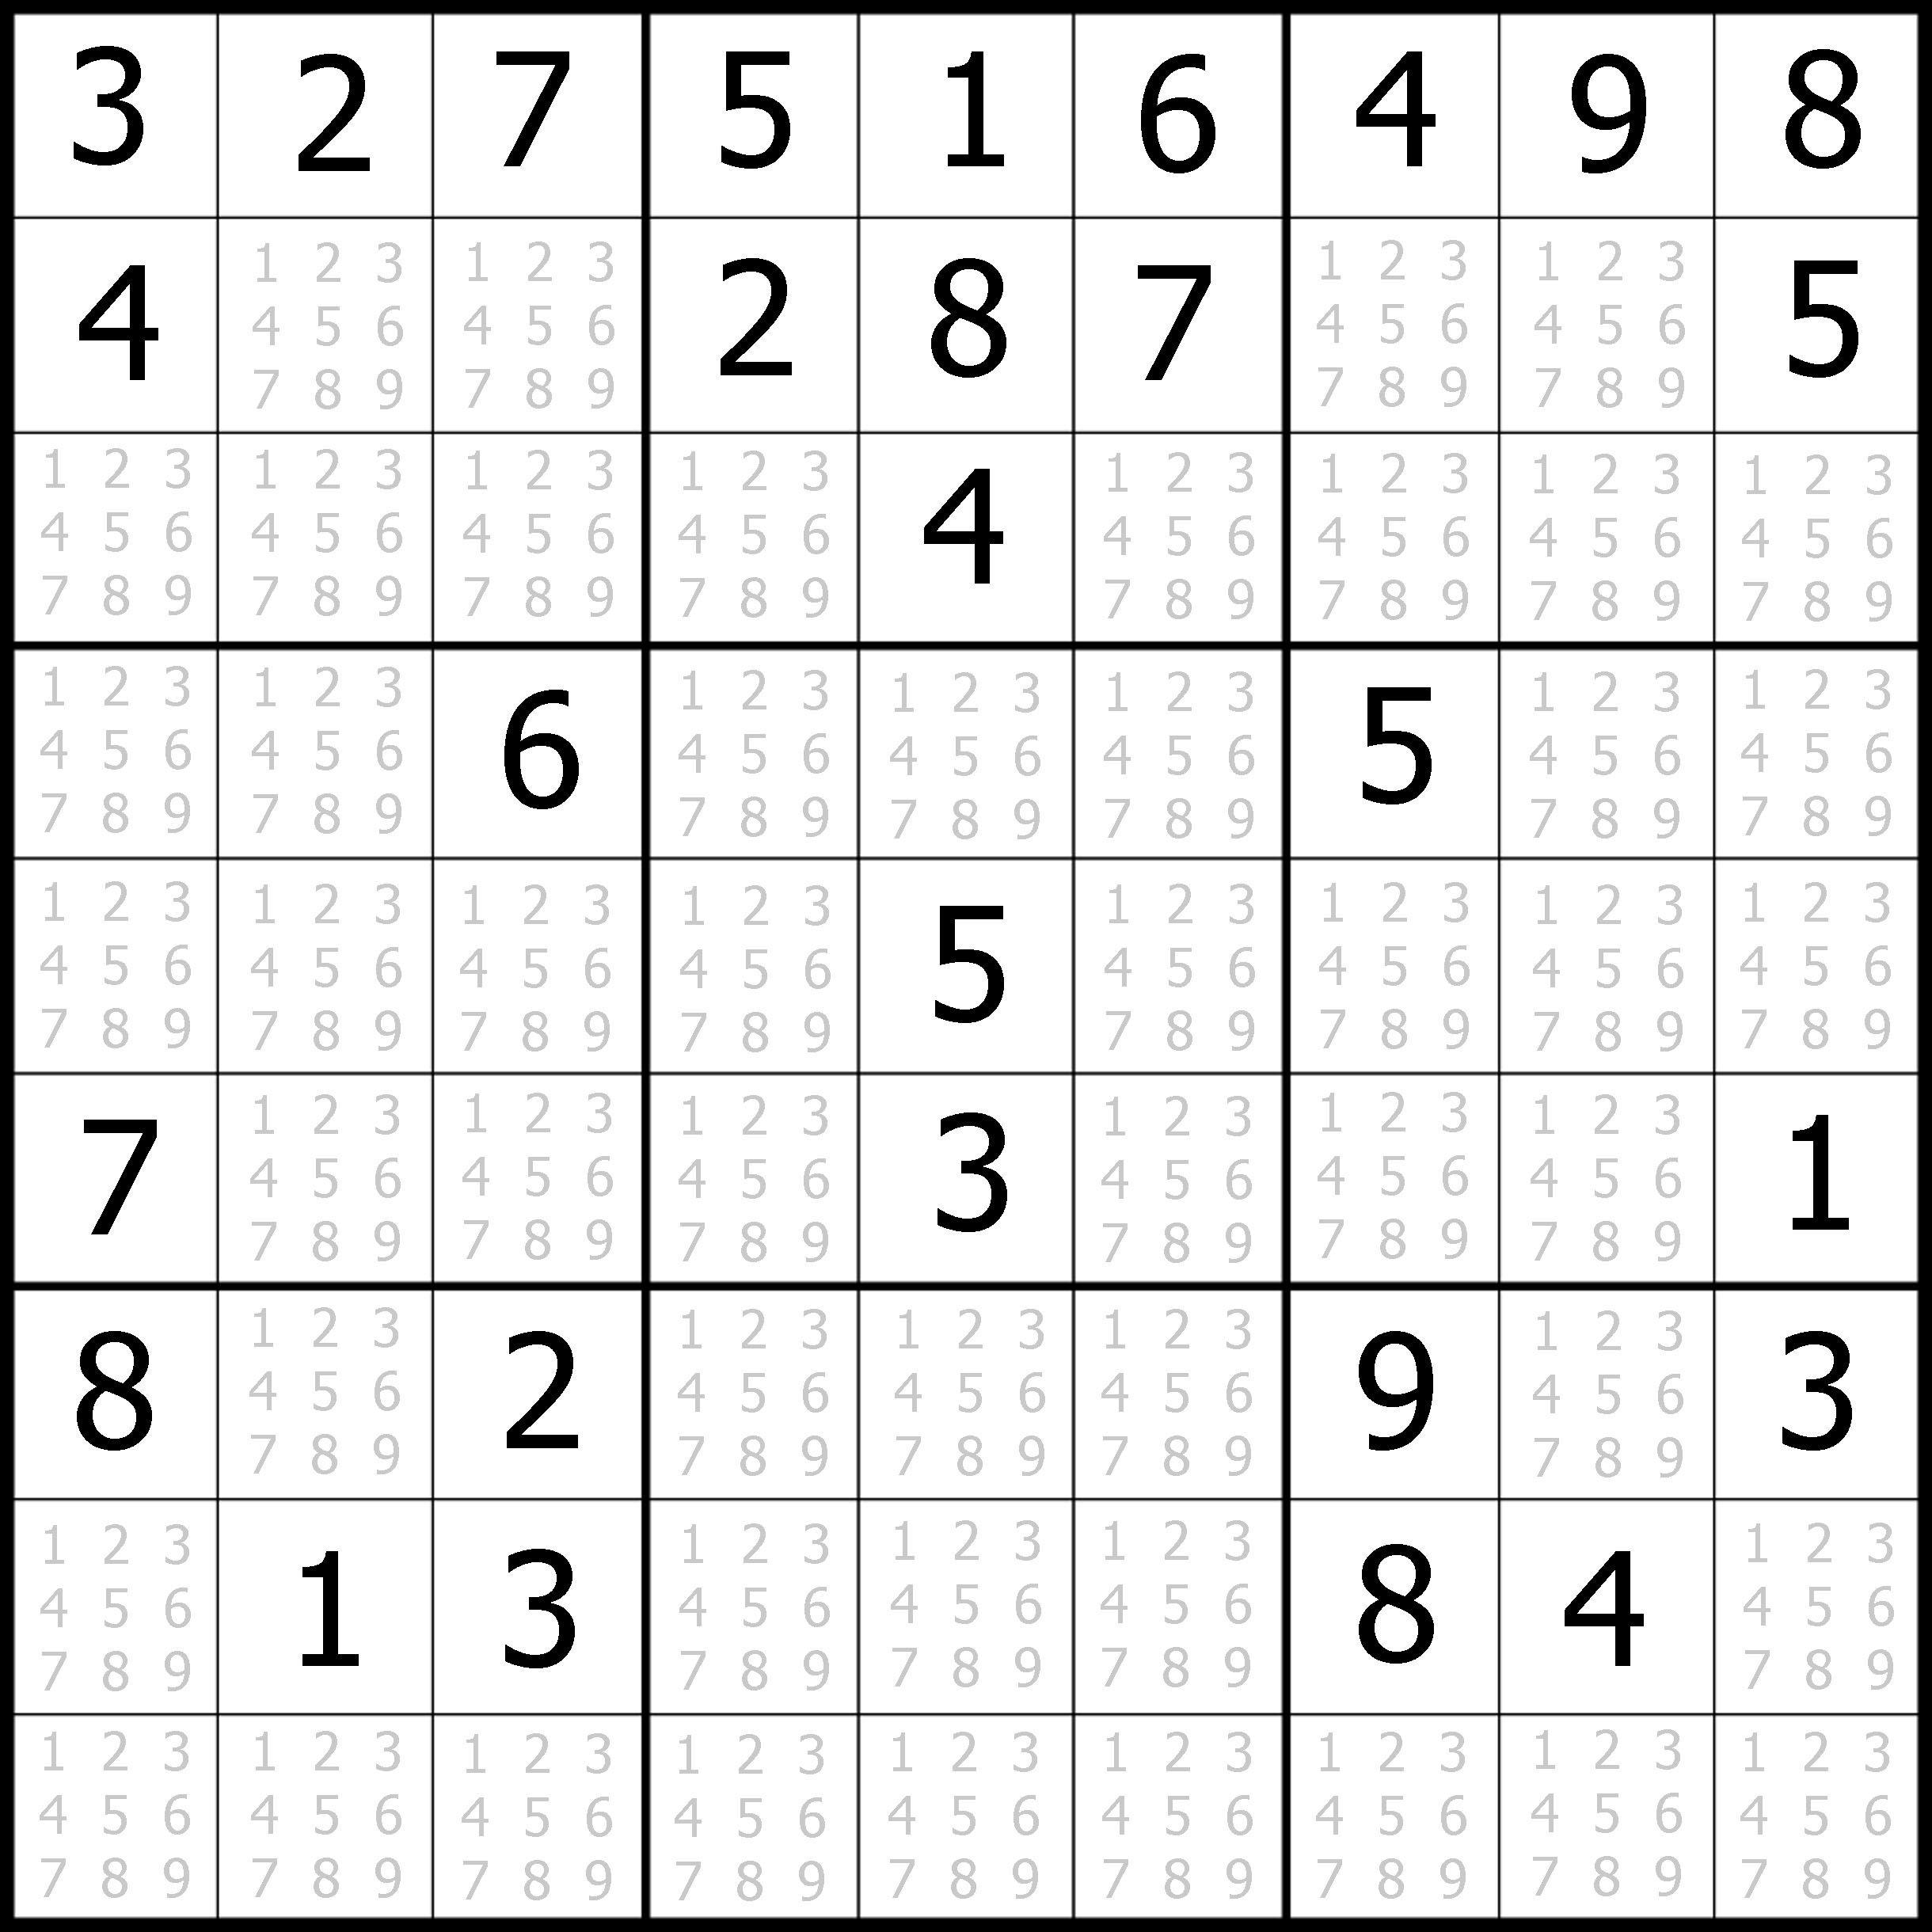 Sudoku Printable | Free, Medium, Printable Sudoku Puzzle #1 | My - Free Printable Sudoku